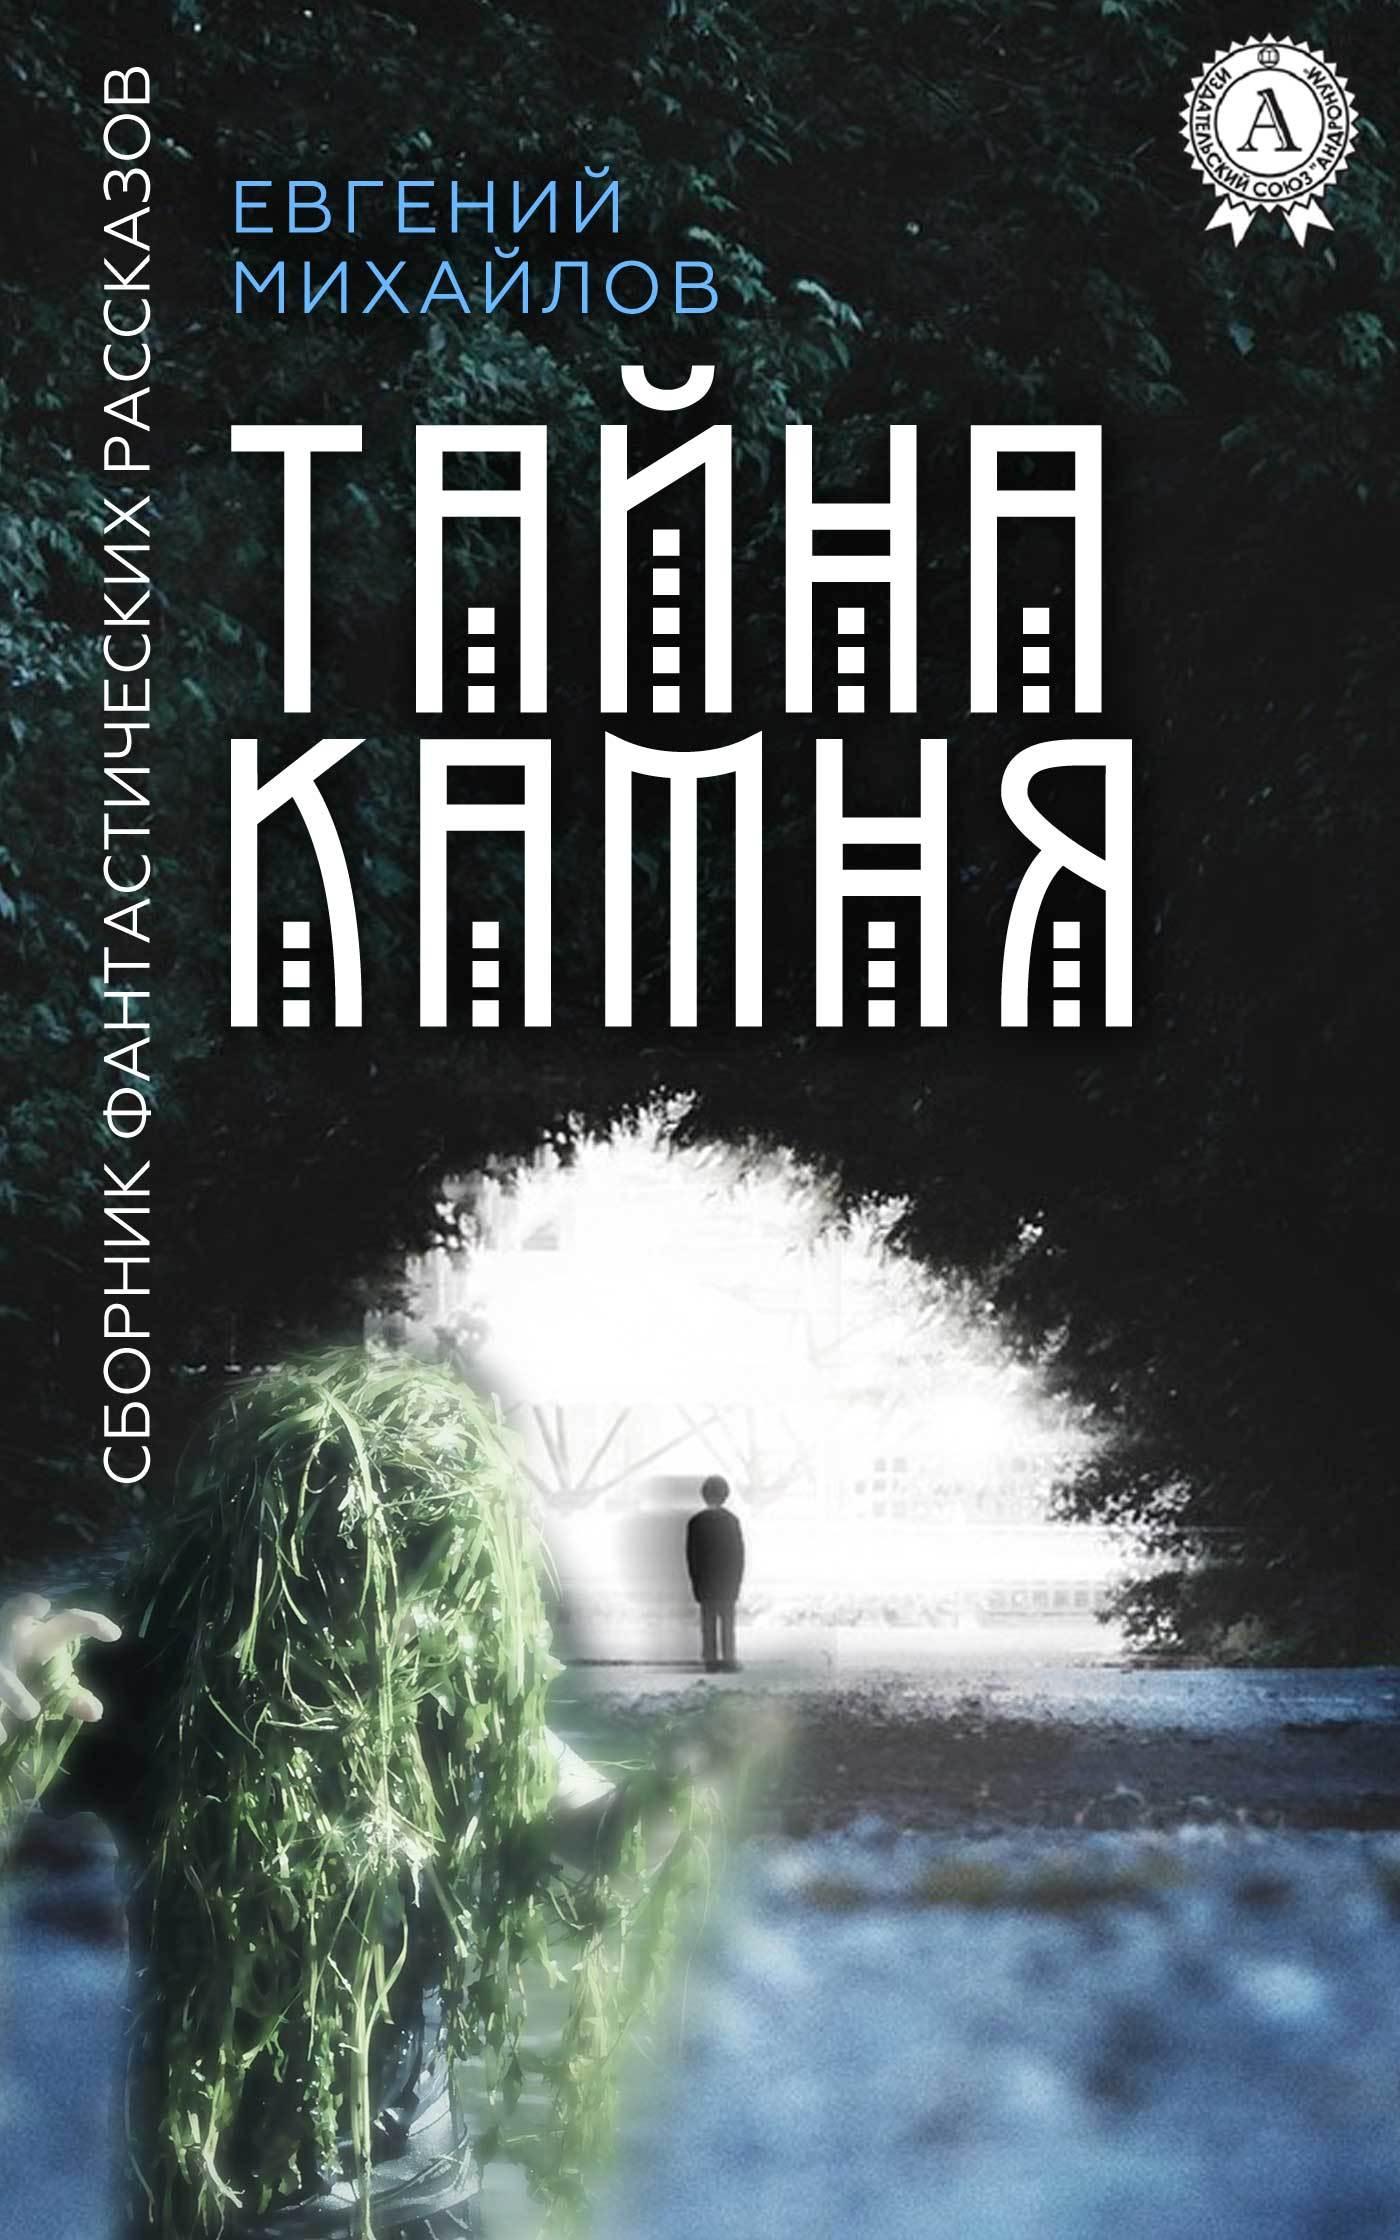 Евгений Михайлов Тайна камня евгений брейдо эмигрант роман и три рассказа